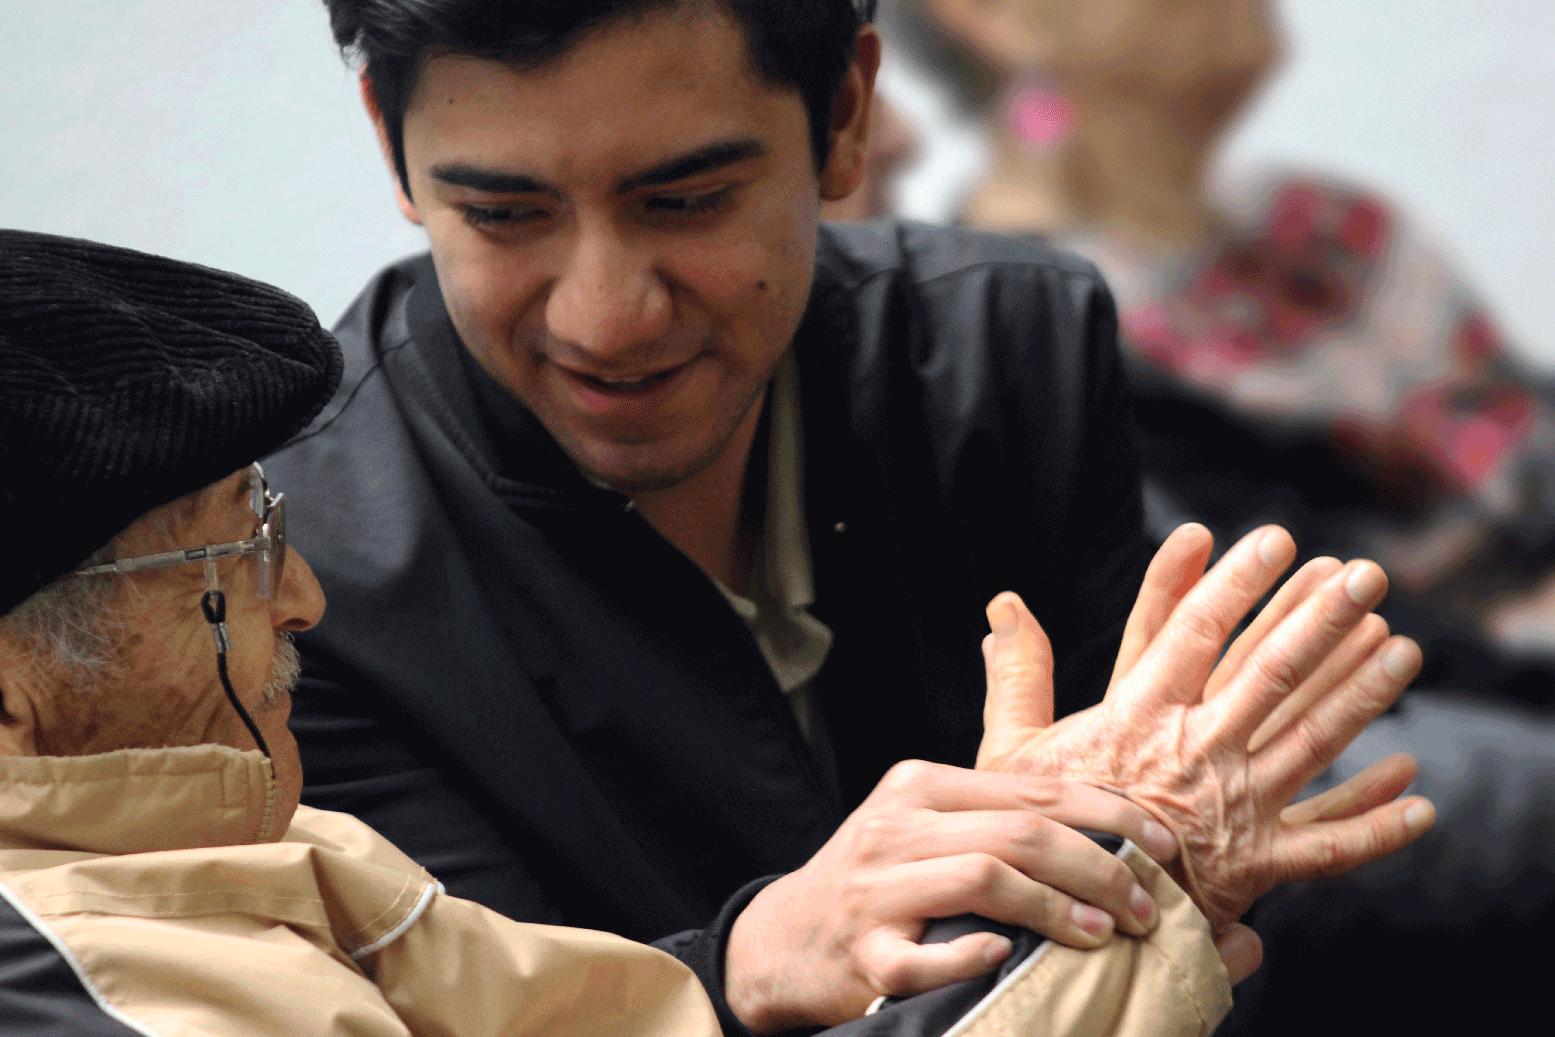 Secuoya Centro de Día, casa de reposo, tercera edad con demencia, abuelos, adulto mayores cdmx, adulto mayor con Alzheimer, centro de día para adultos mayores, asilos para adultos con demencia y alzheimer,asilos df, casa para ancianos, hogar para viejitos, cuidar ancianos, enfermera para adulto mayor, Enfermería geriátrica.